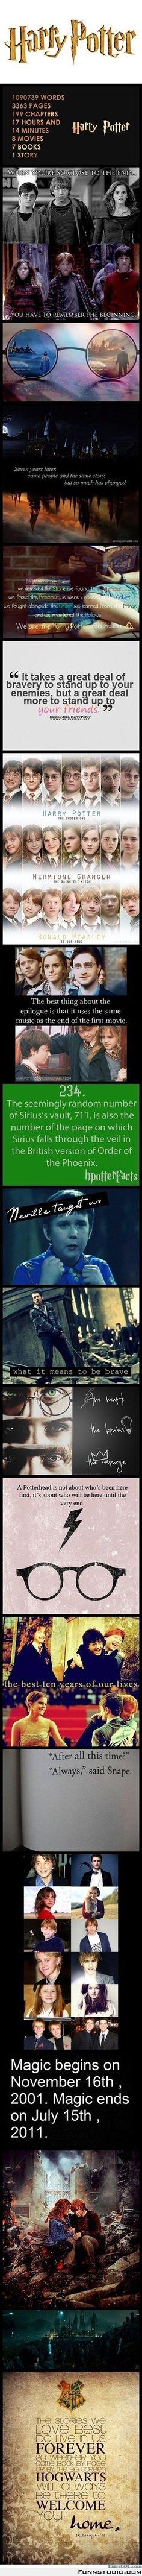 Herry Potter Forever (FbFun)